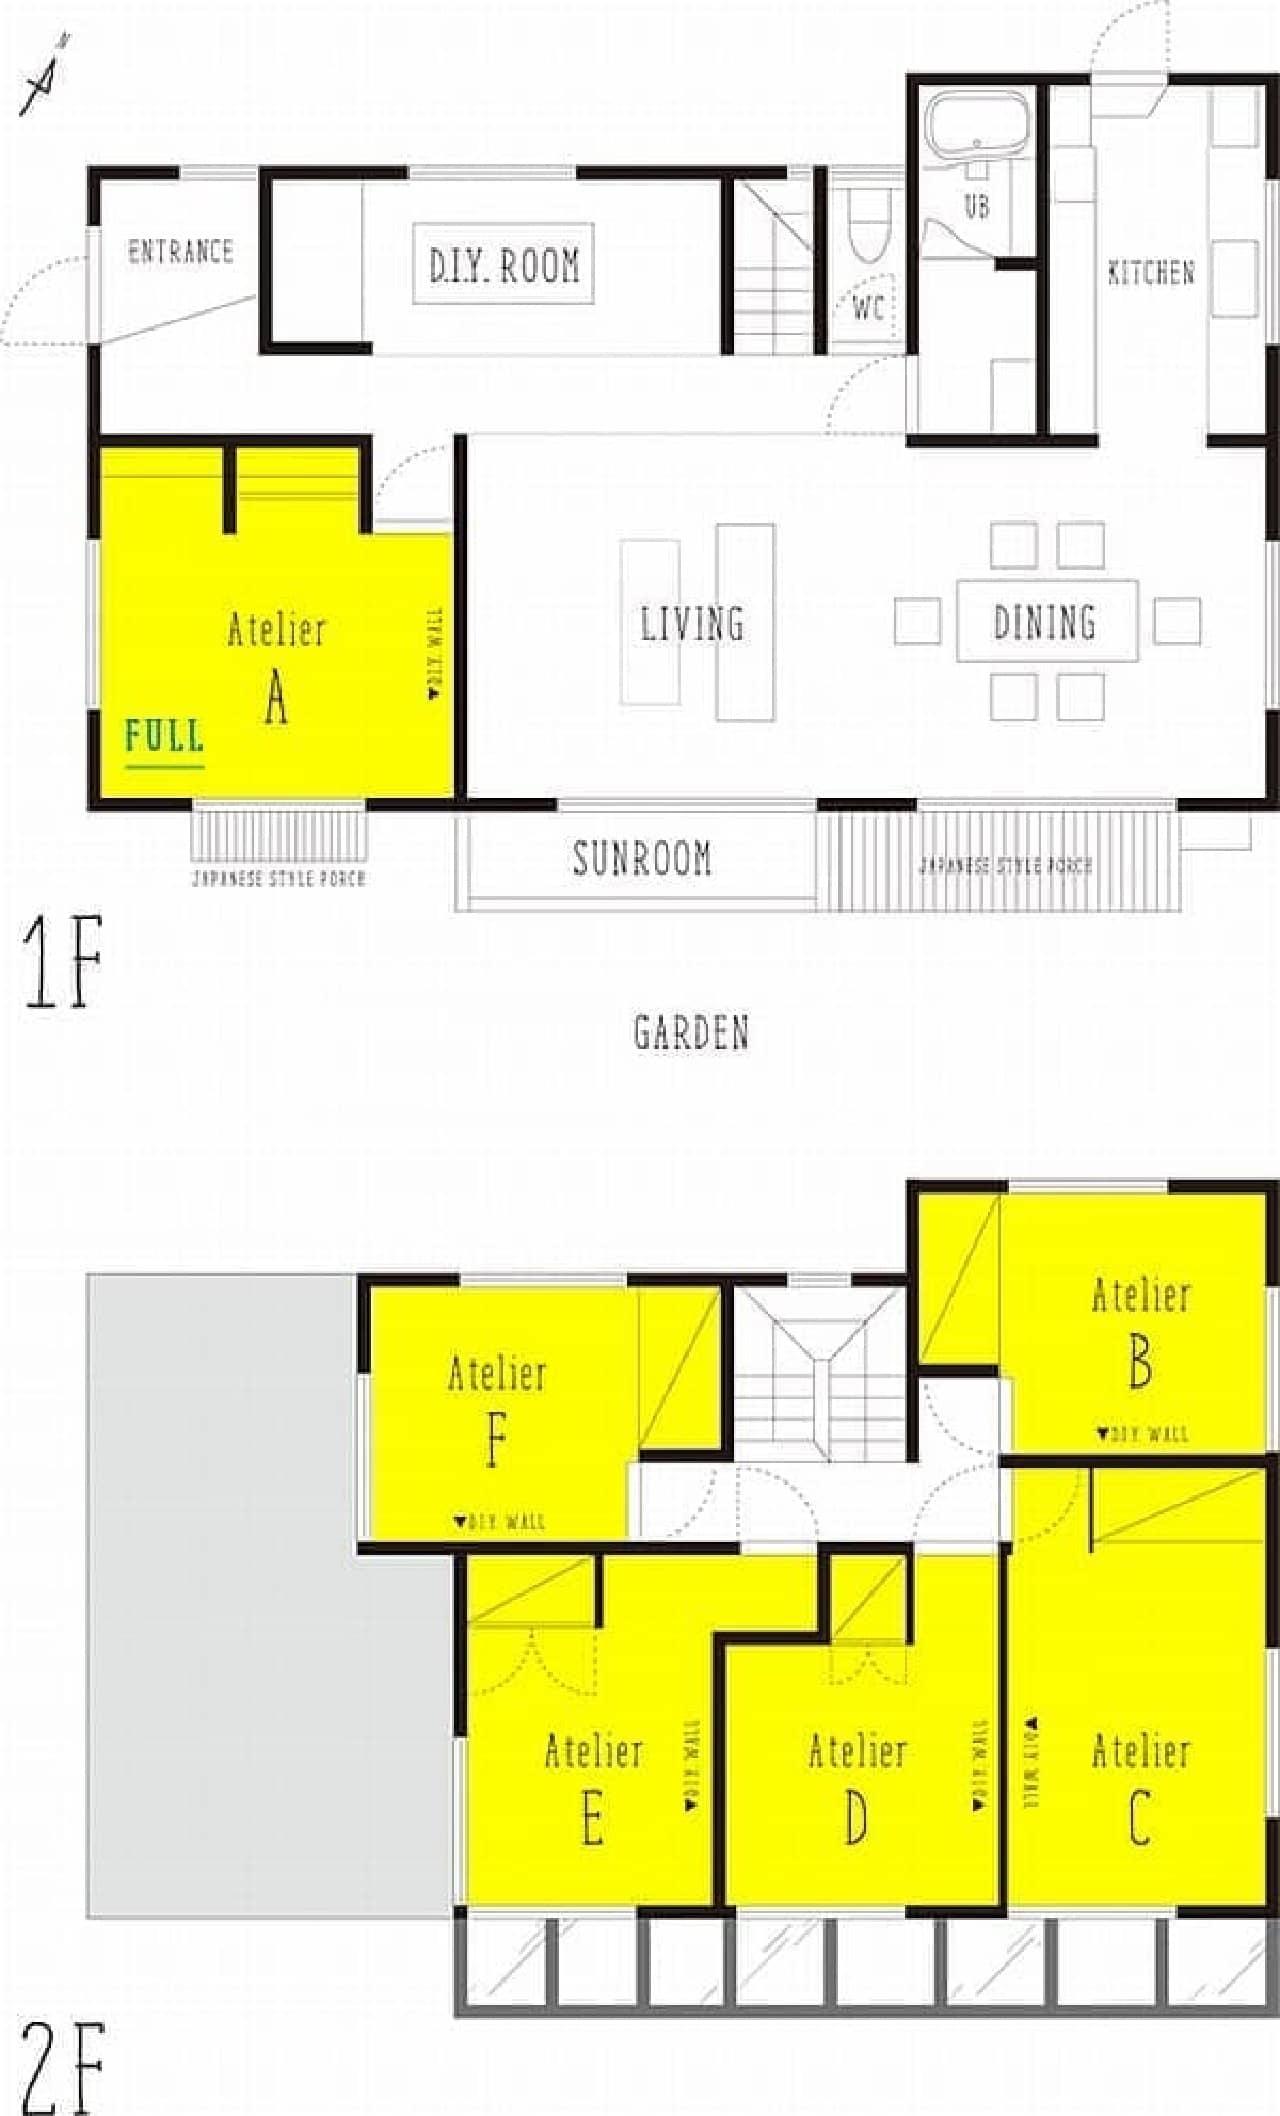 「箱庭の住めるアトリエ」  一階および二階の間取り図